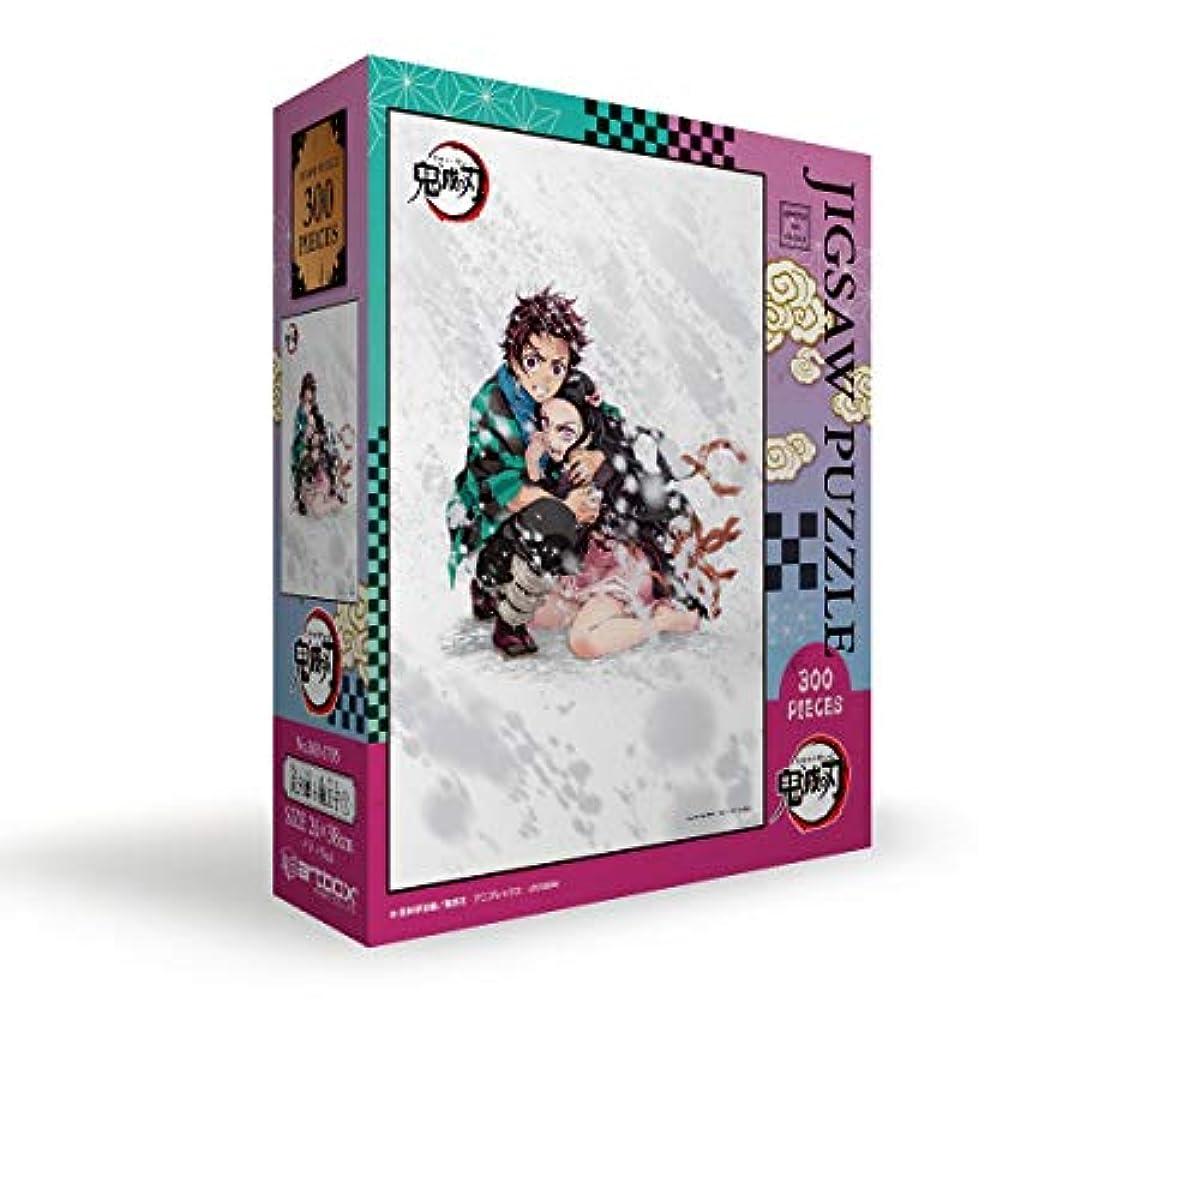 [해외] 엔스카이 300피스 직소 퍼즐 이어멸의 카마도우네즈코(1) 300-1705 (26X38CM)